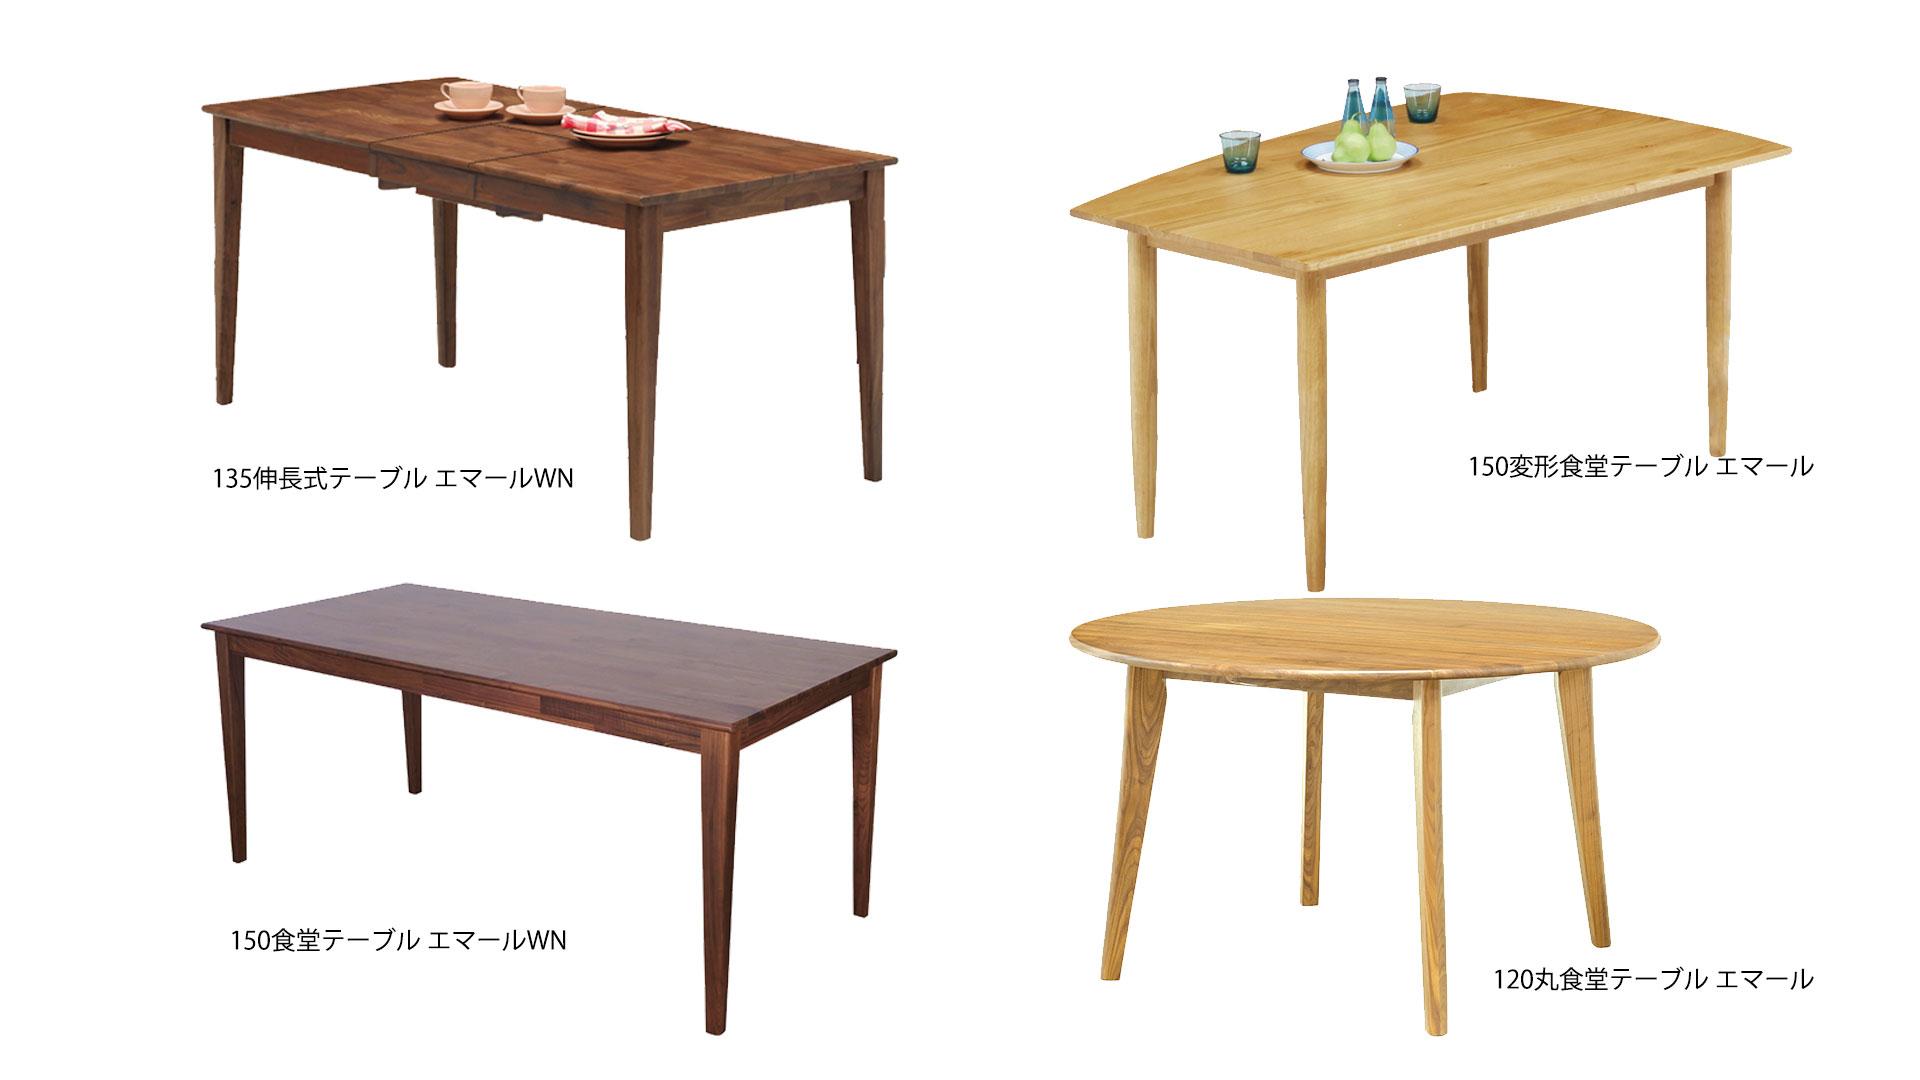 リビンズのダイニングテーブル「エマール」の一覧の画像